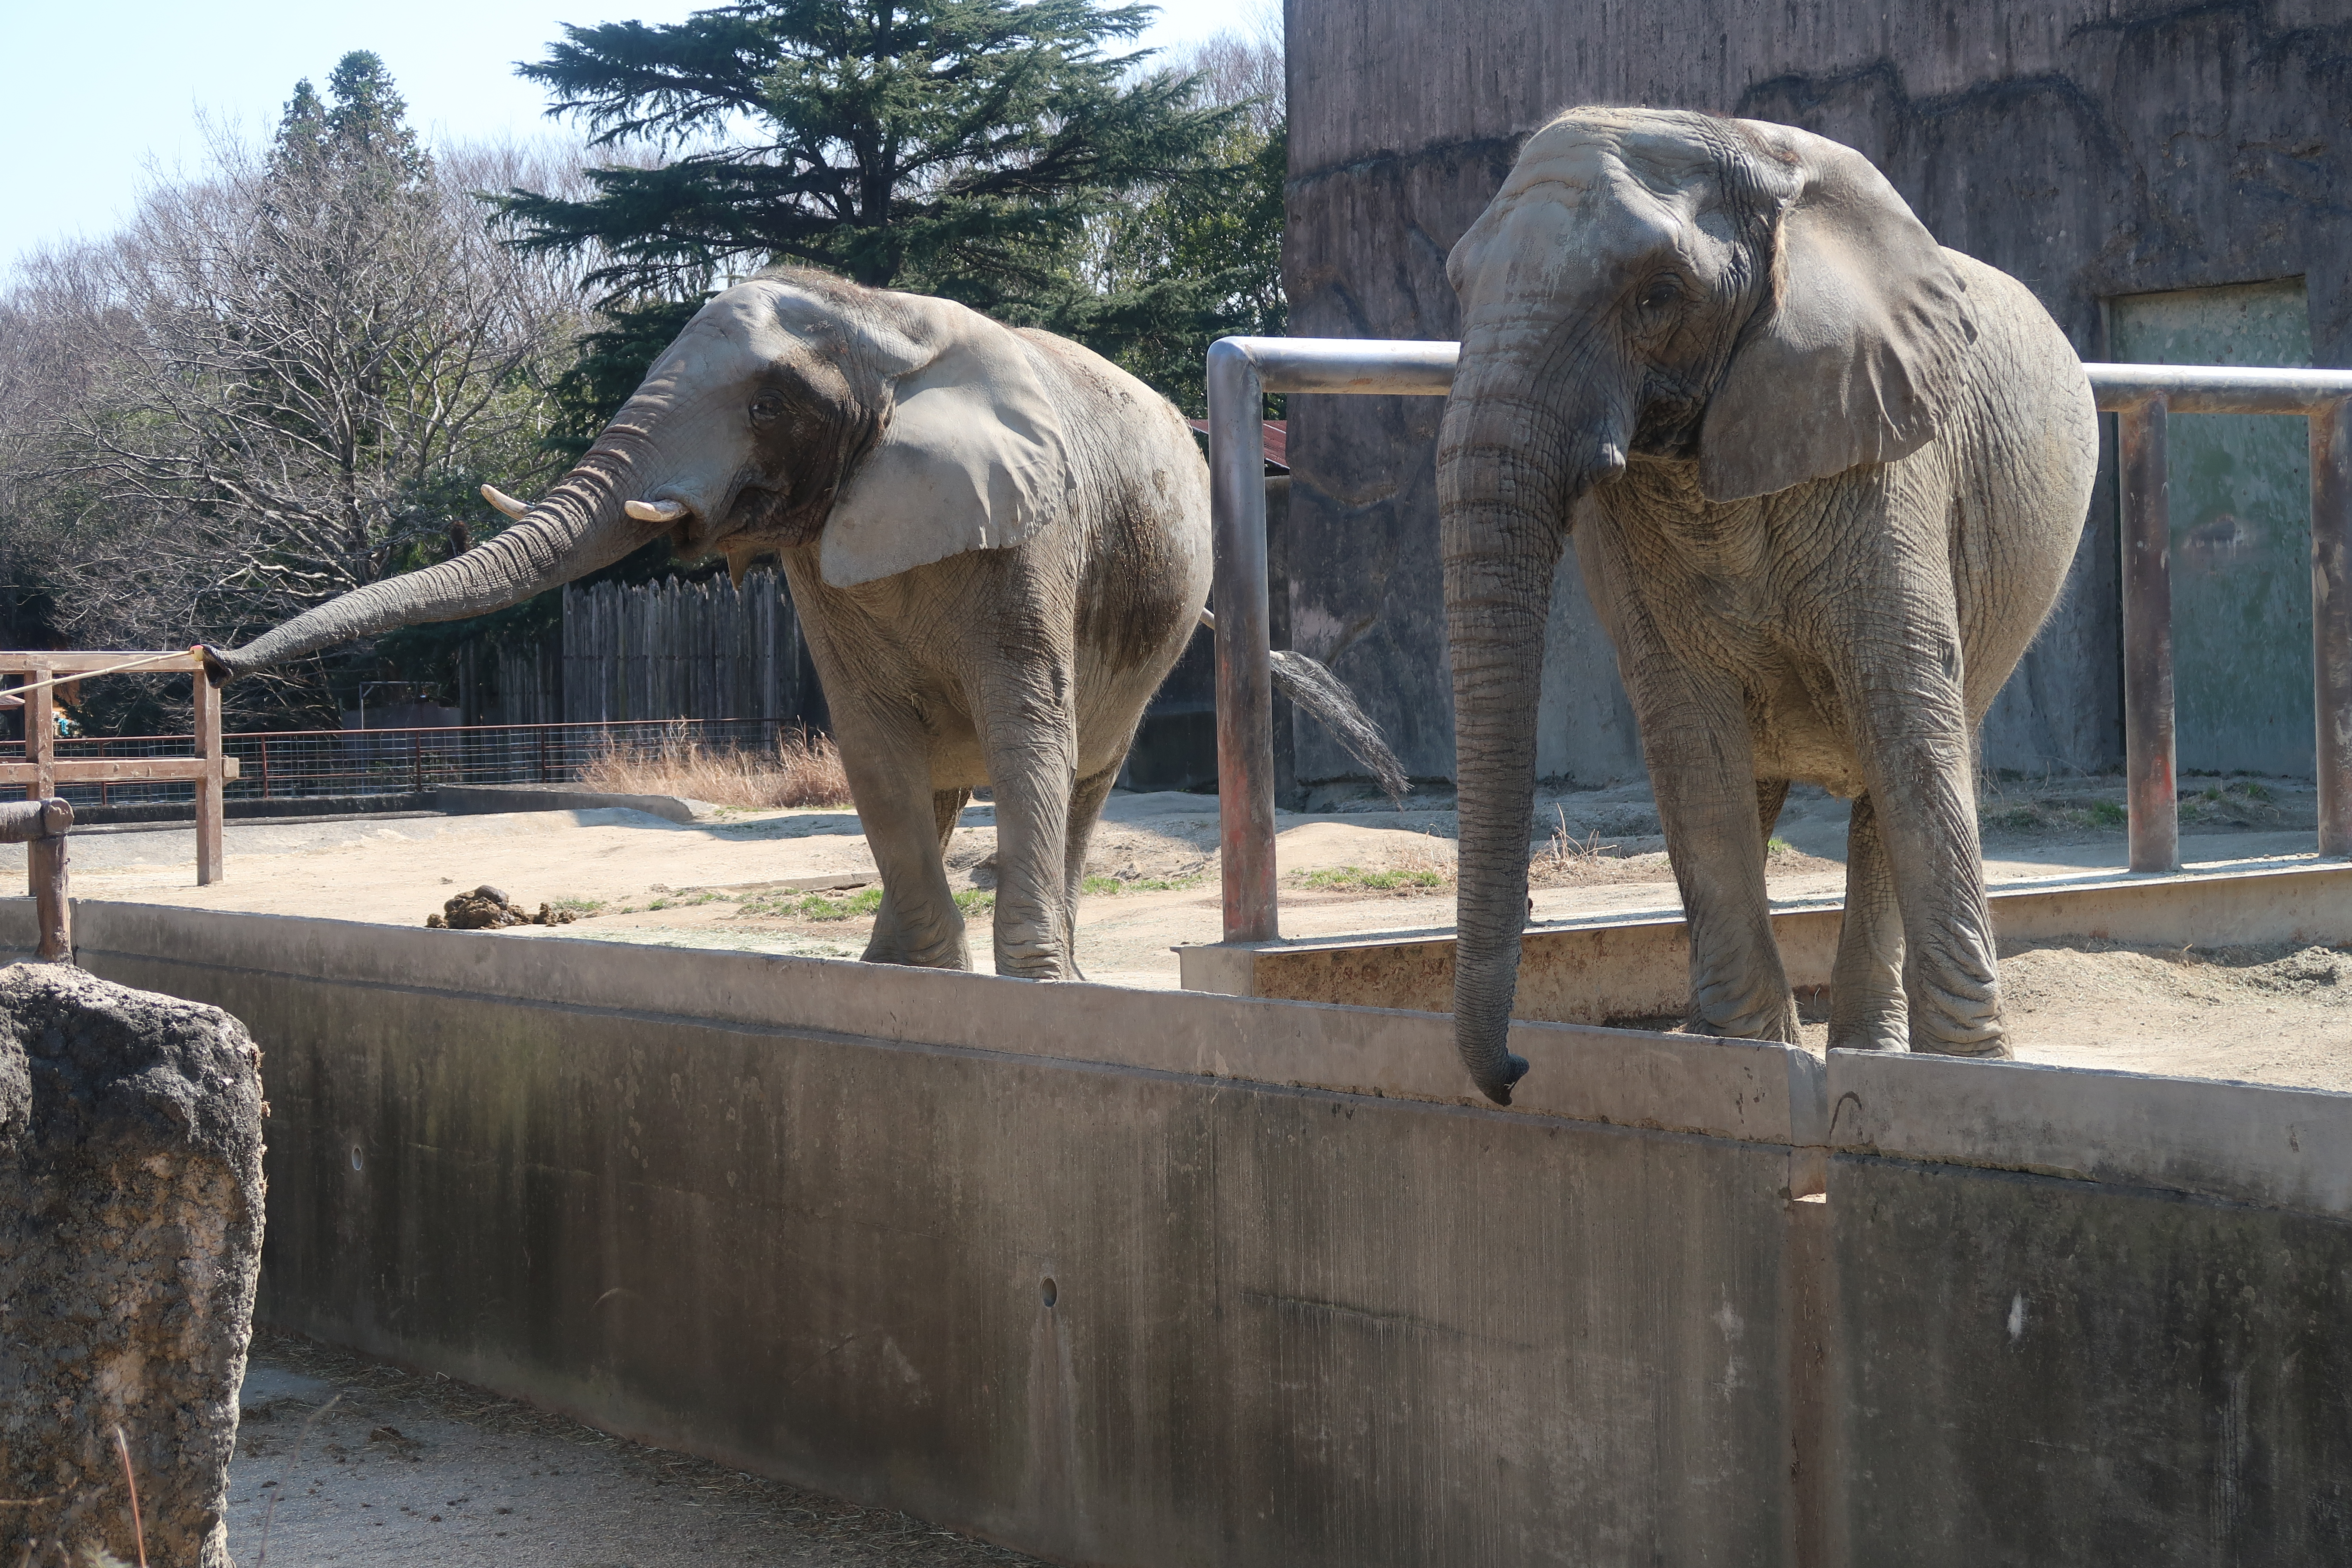 ゾウさんのランチタイムはアフリカゾウ2頭が接近で迫力満点